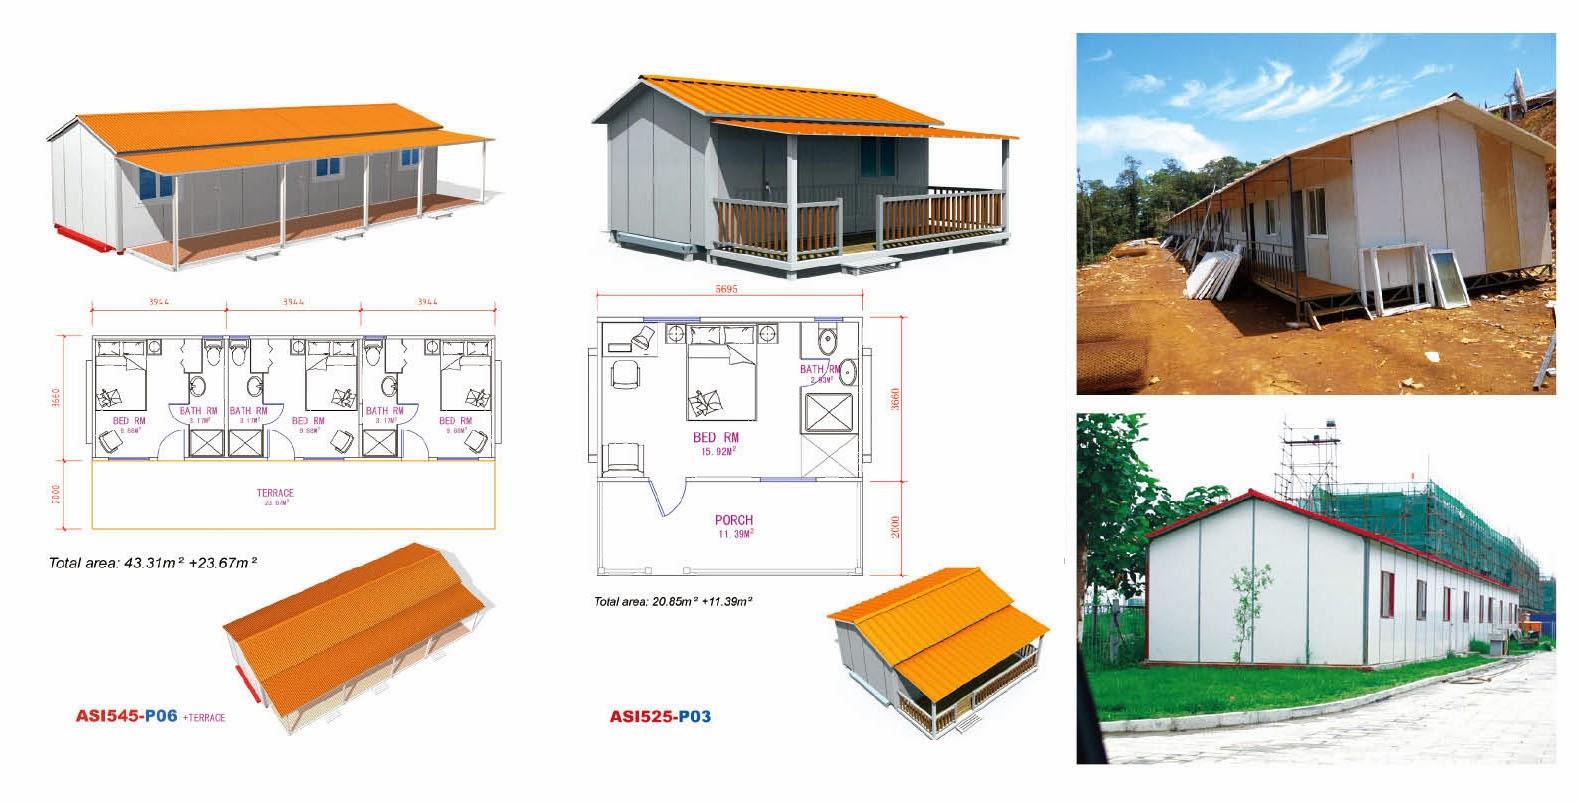 plano casa prefabricada economica